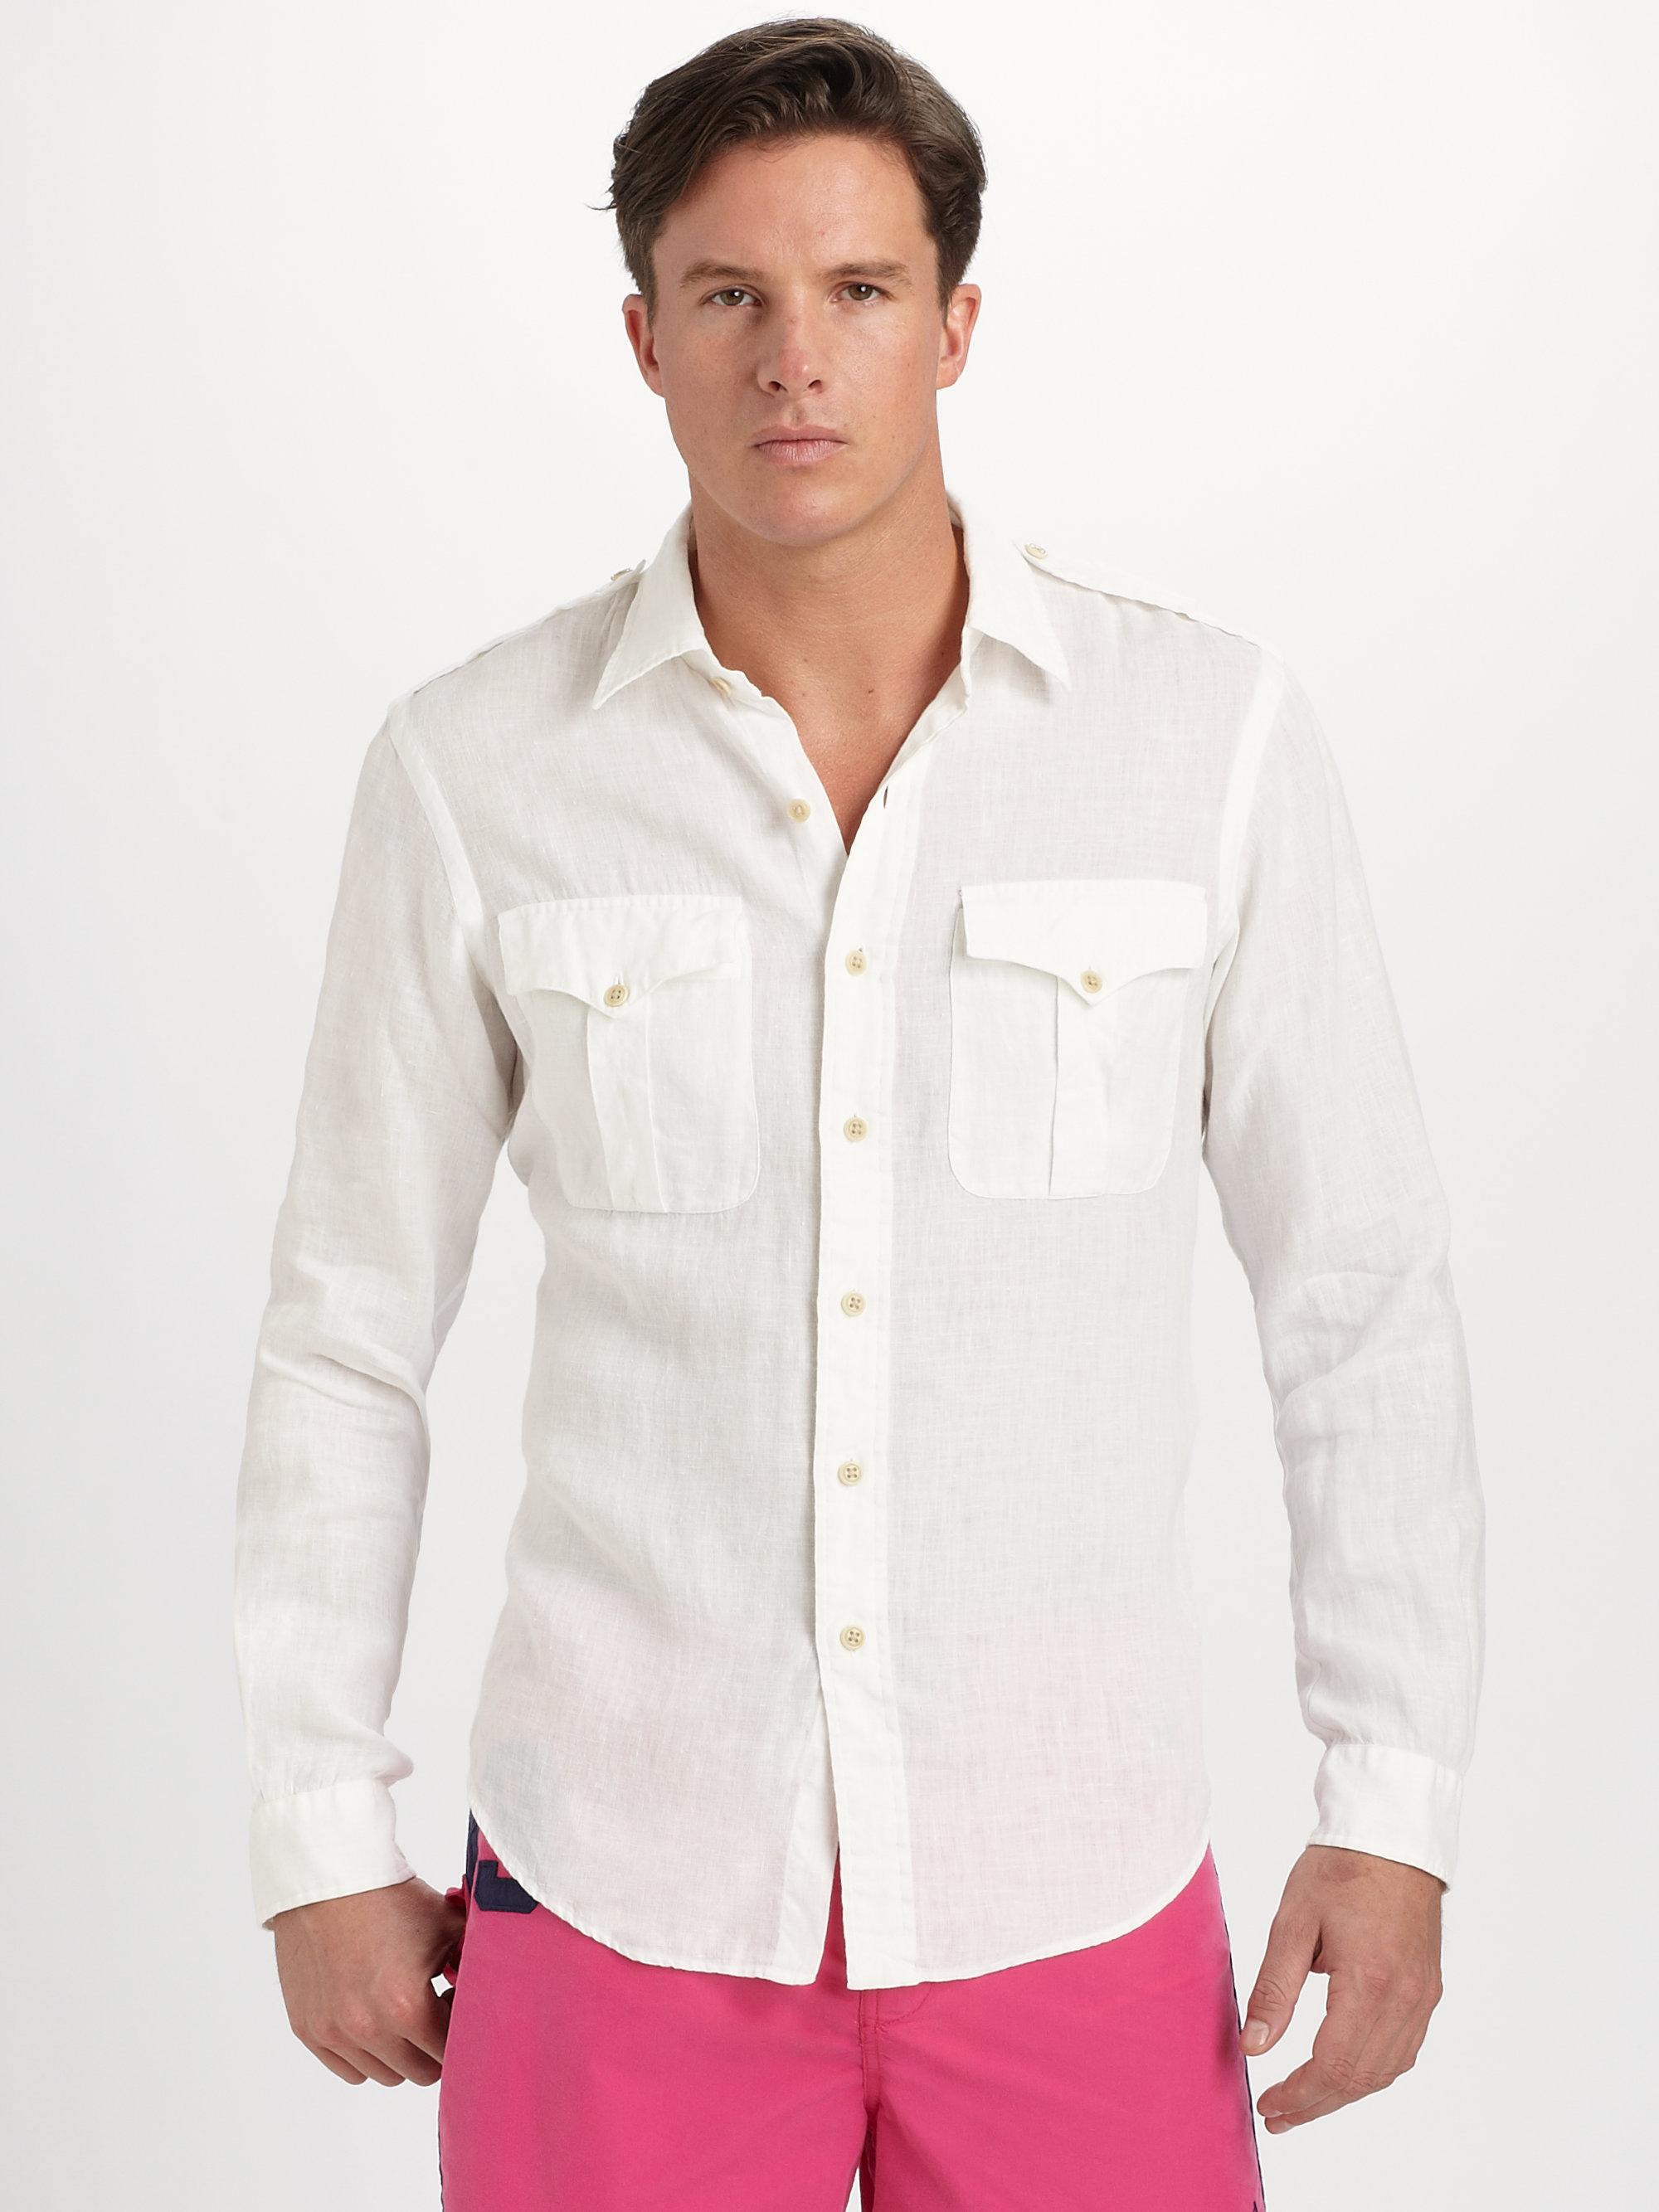 d3e78424b ... sweden lyst polo ralph lauren linen military shirt in white for men  3ebbc d6692